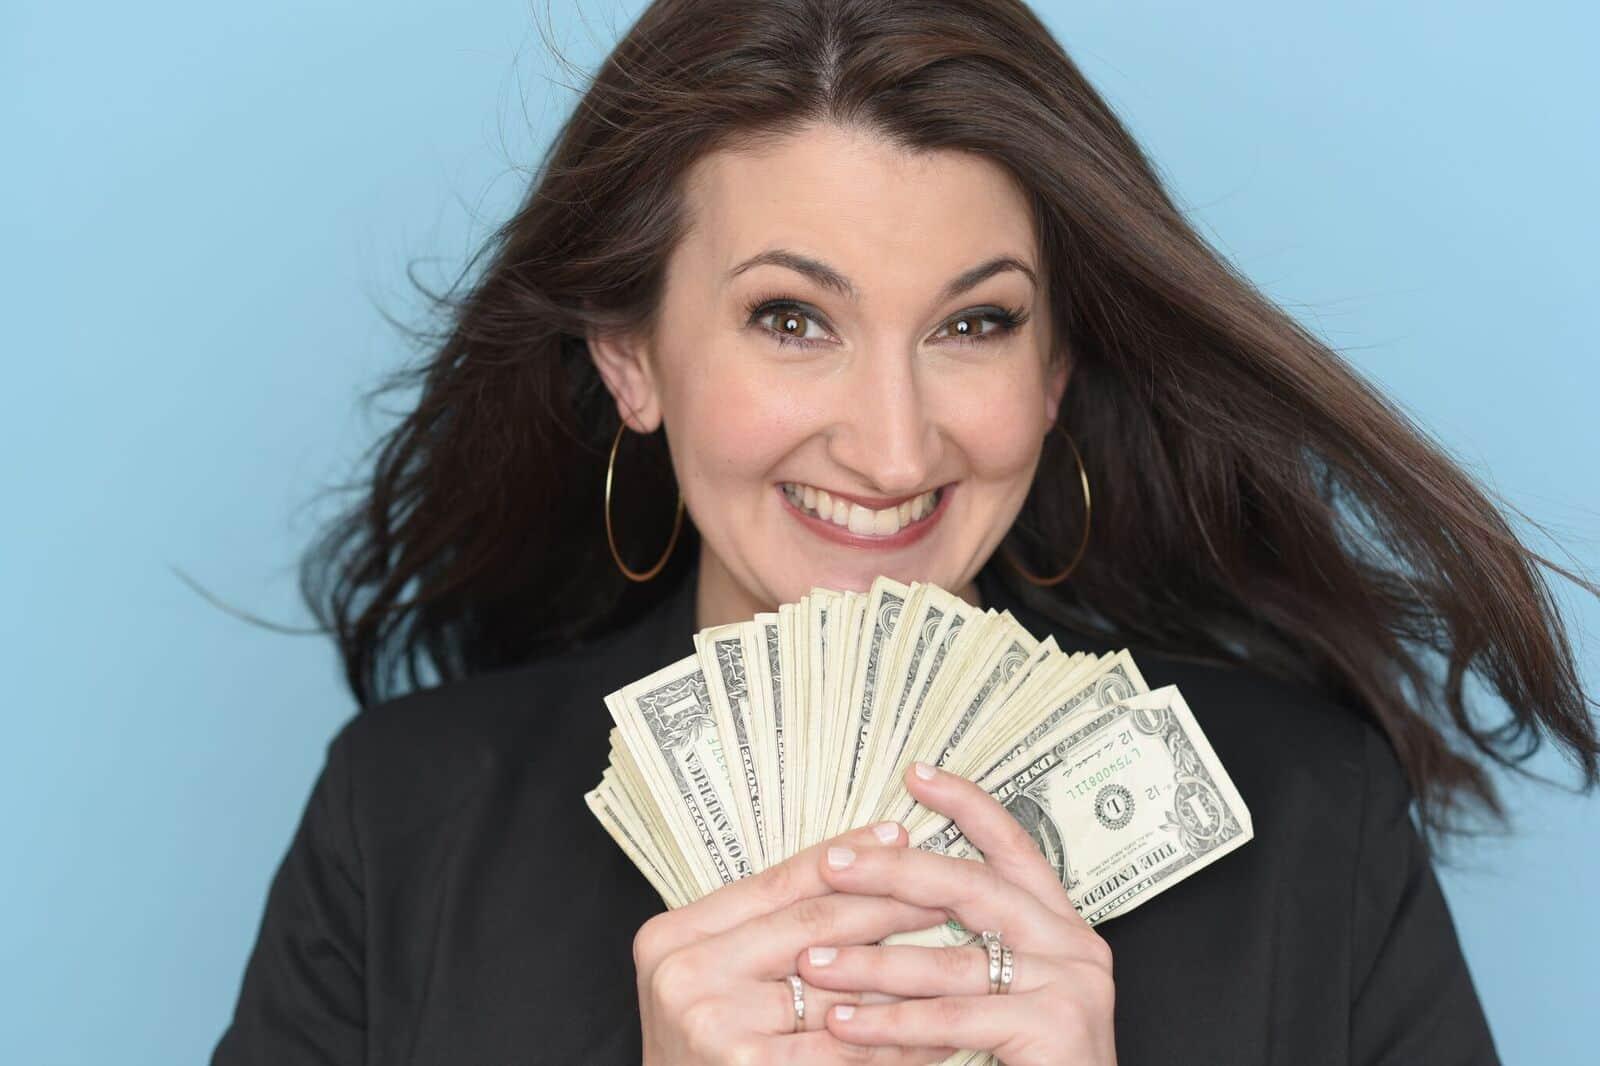 Swoon Talent's on-camera frugal living expert Lauren Greutman